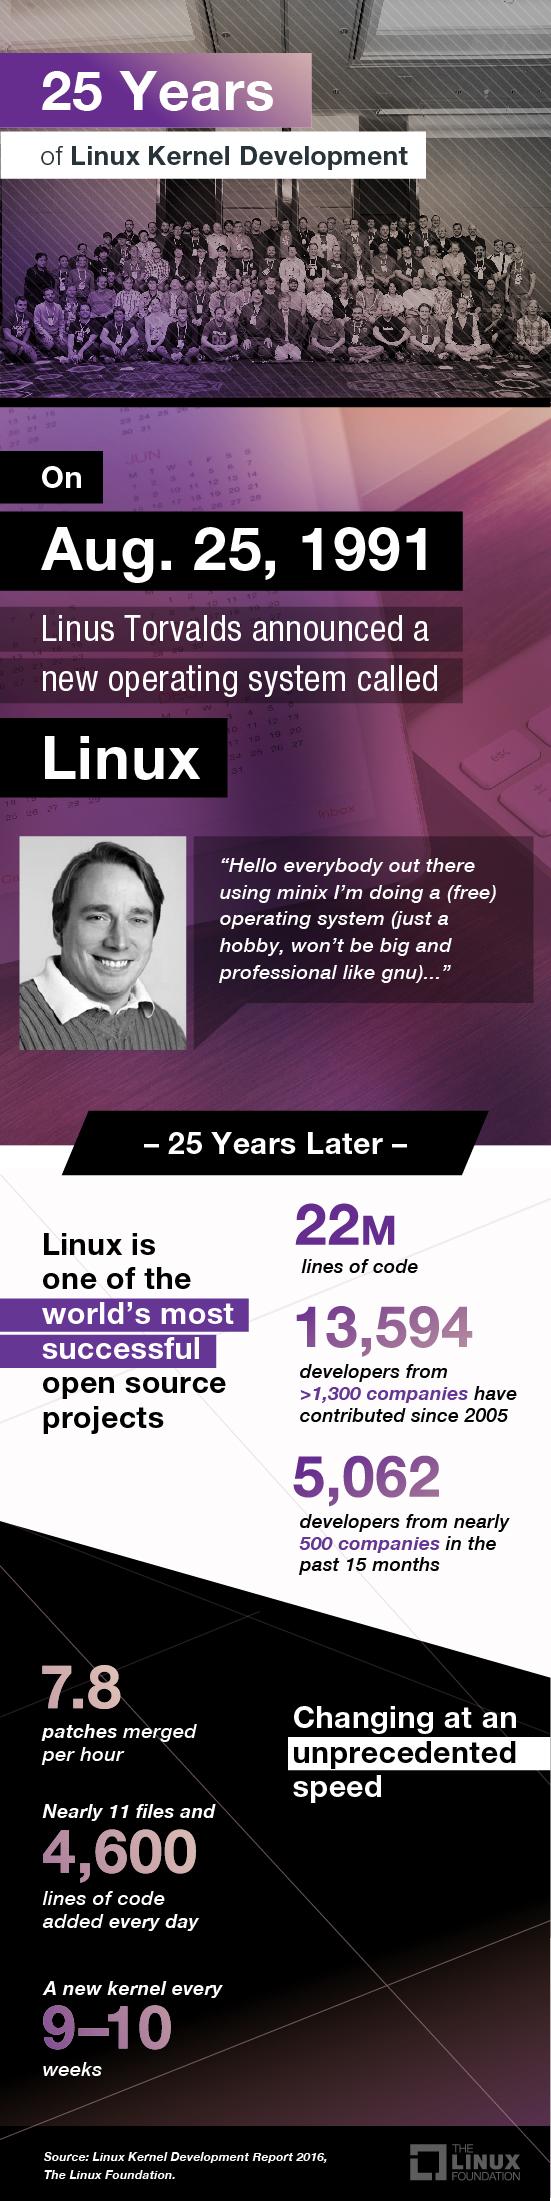 linux-foundation-kernel-dev-info.com